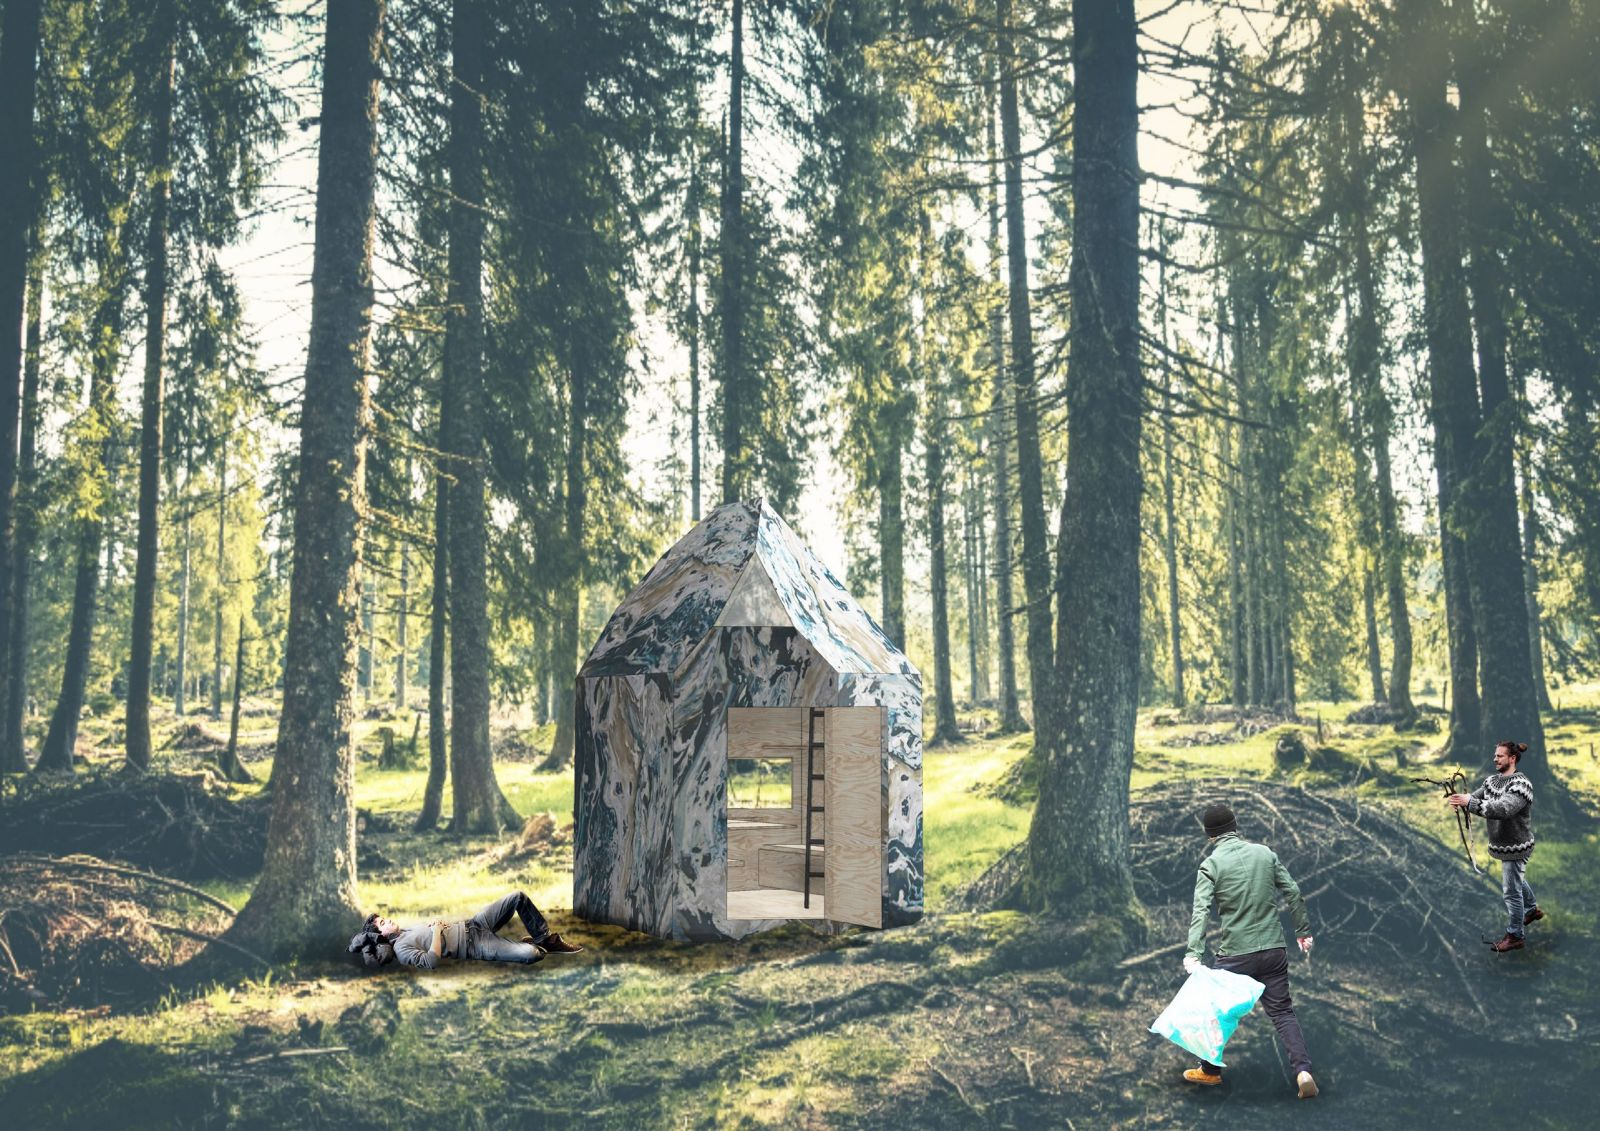 Studenti chtějí zbavit české lesy odpadu. Z použitého plastu staví chatky, ve kterých může kdokoli přespat